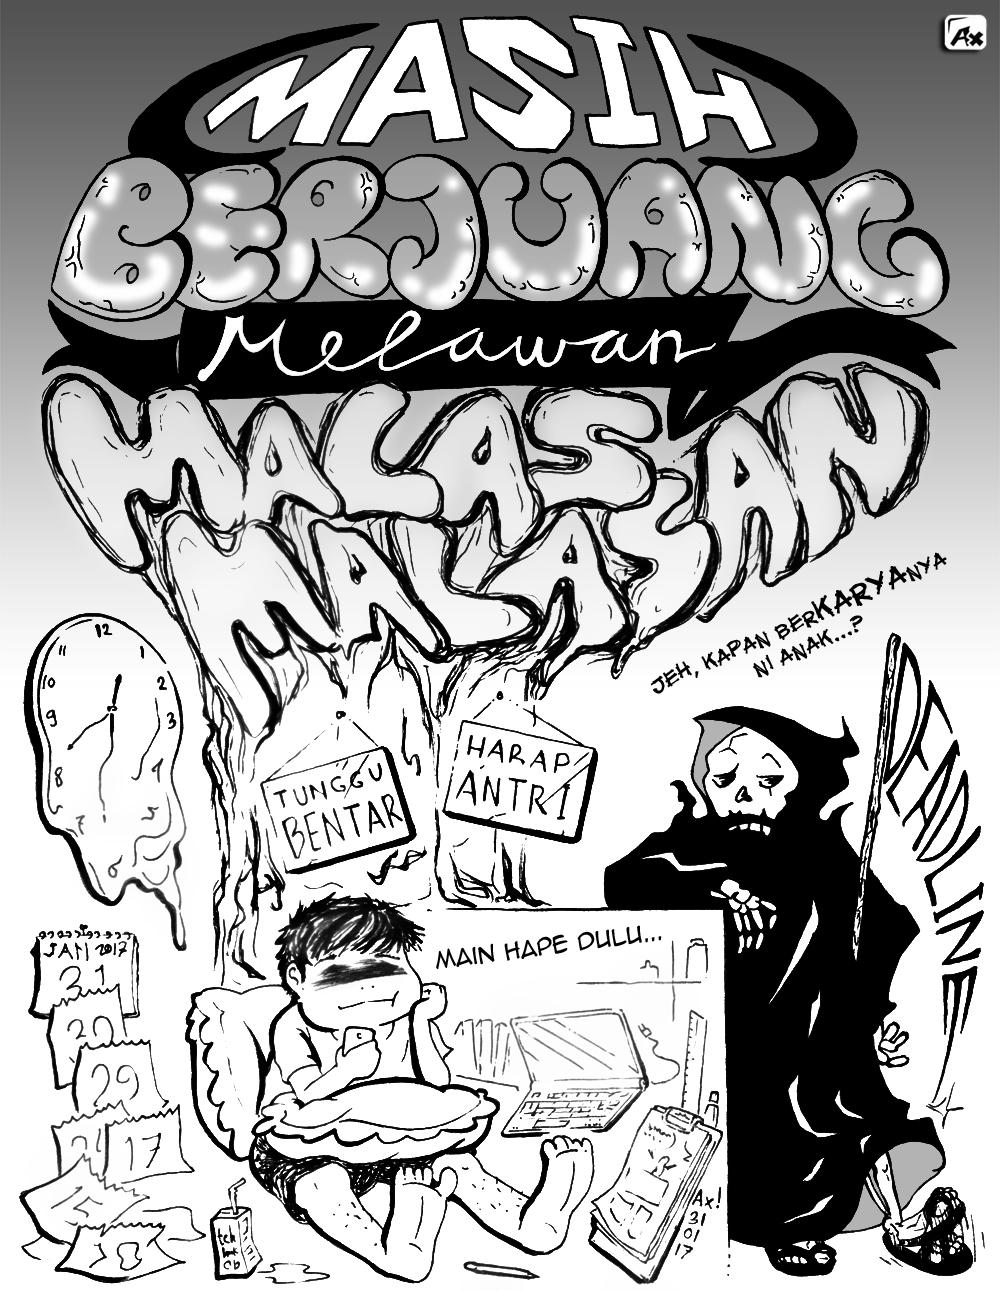 Melawan_Malas-Malasan_by Ax ! [size 50%]